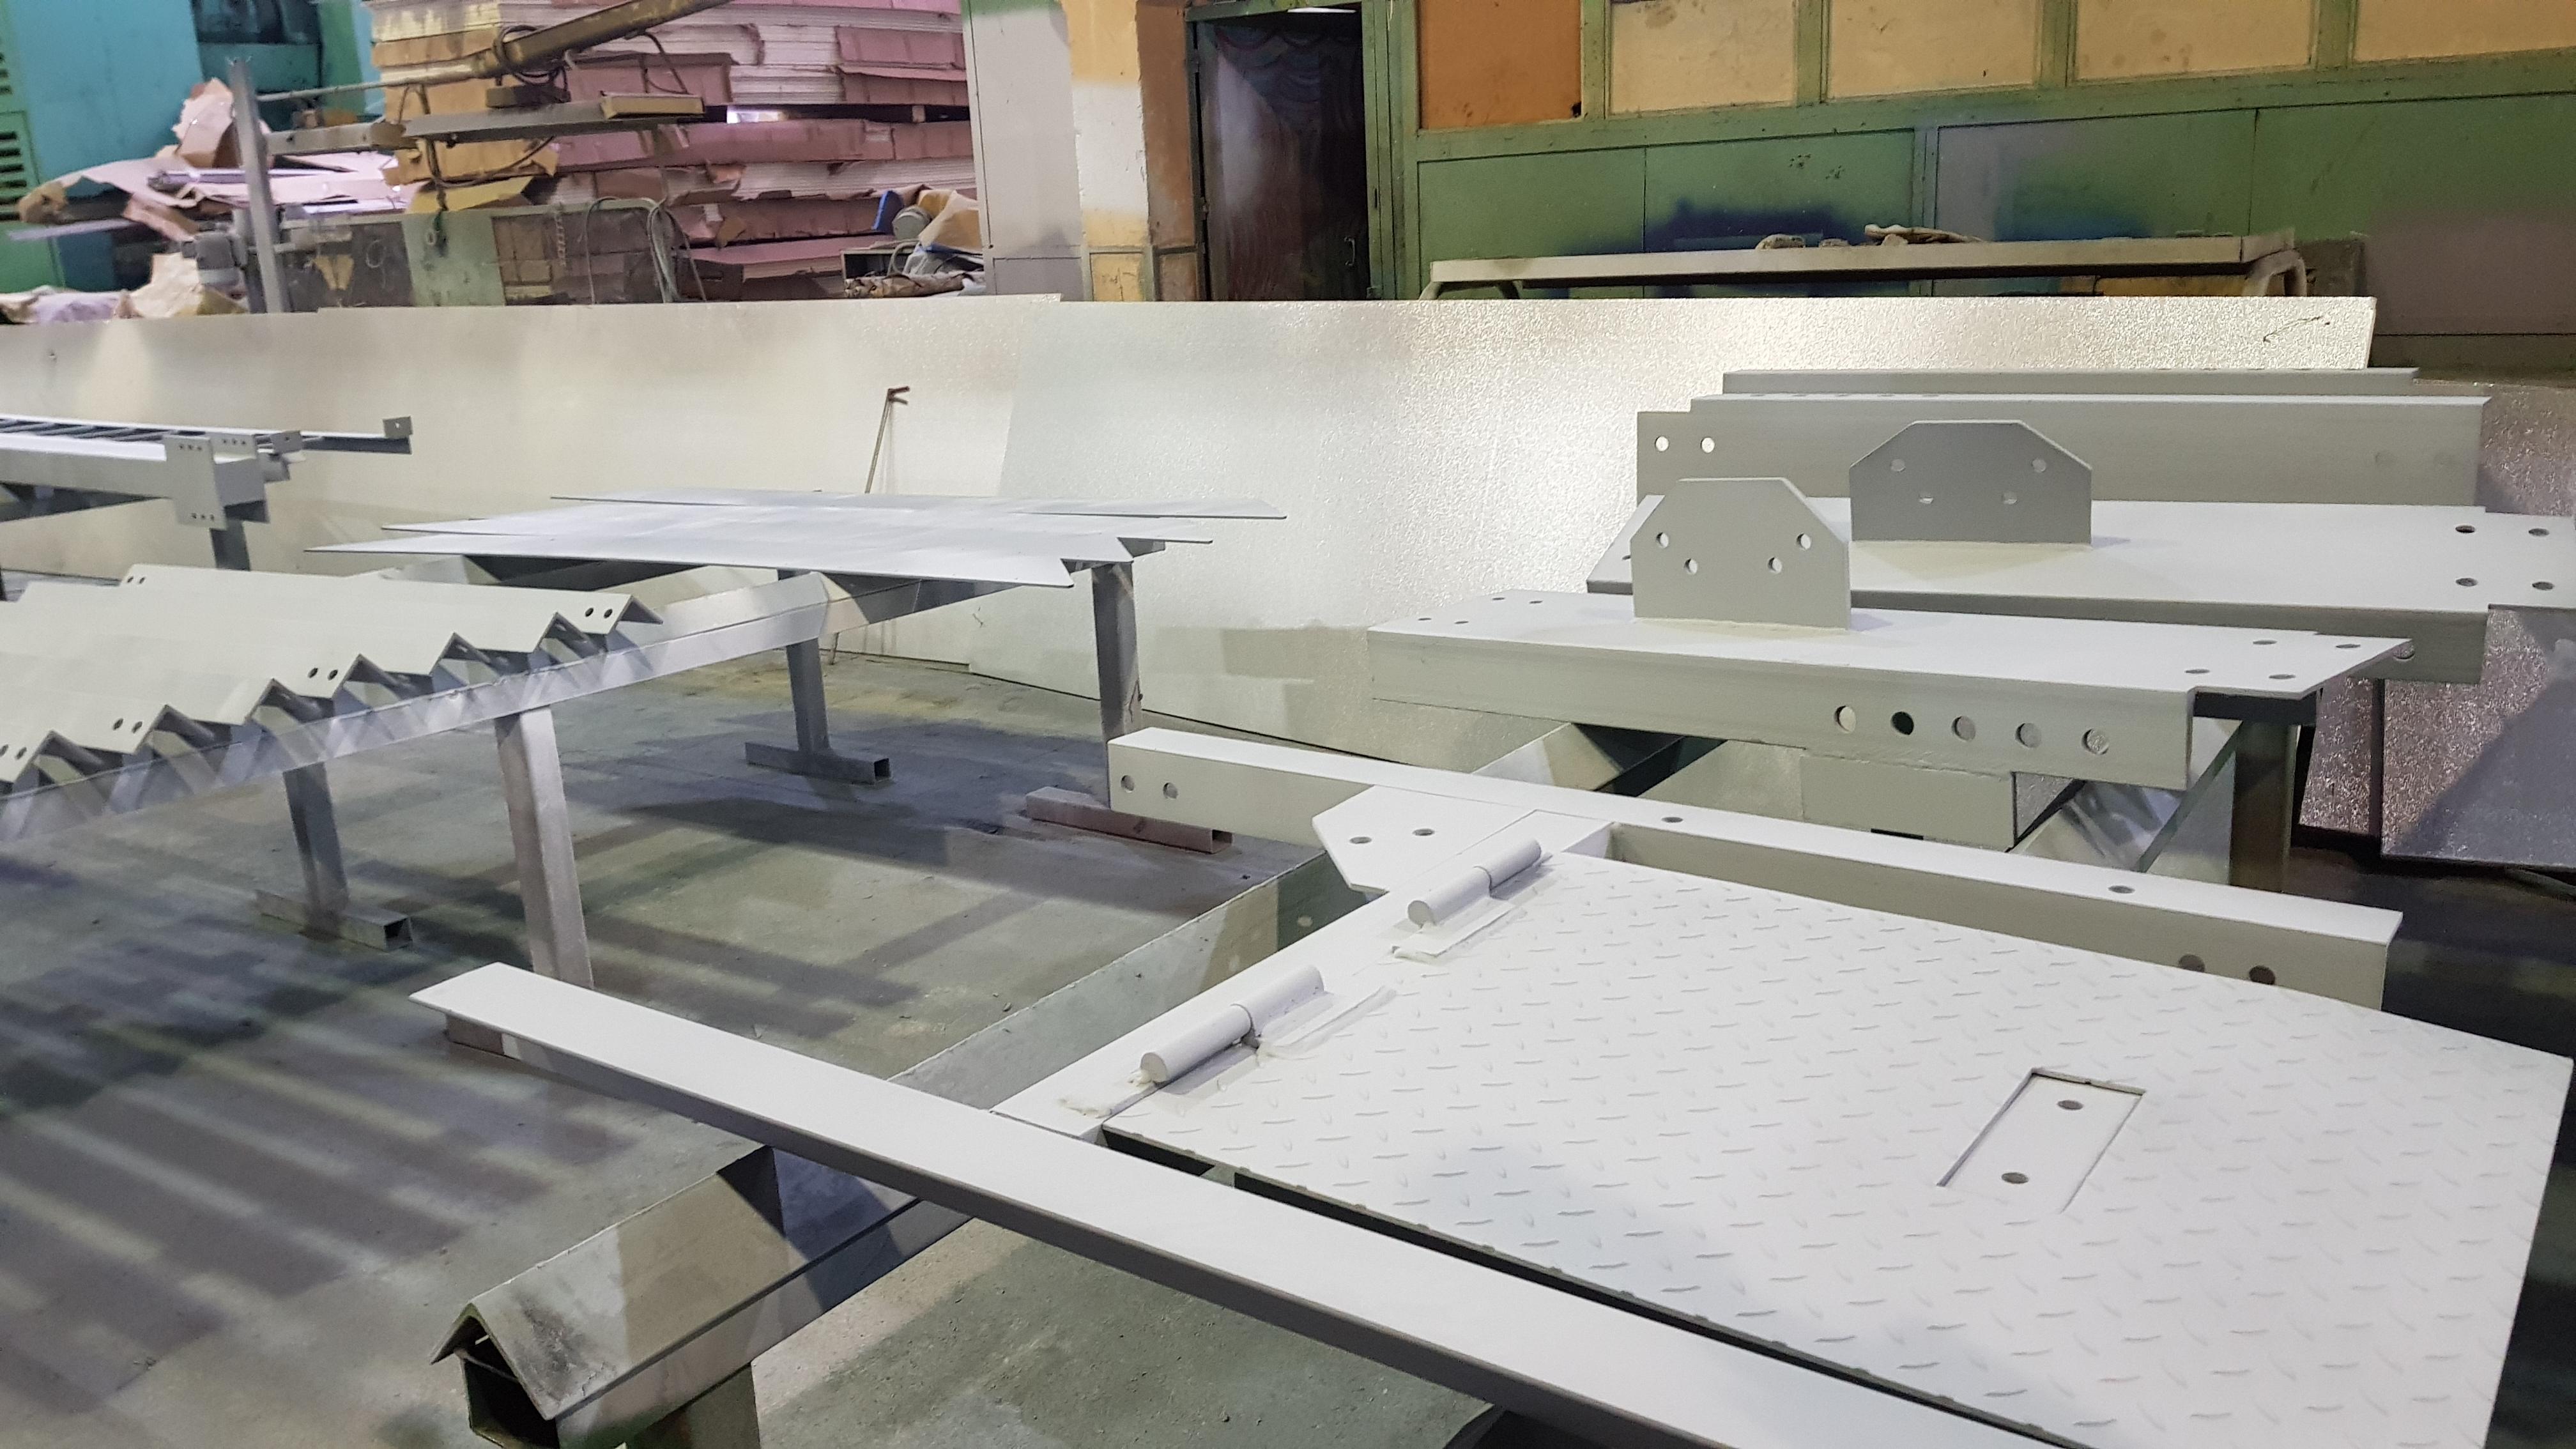 производственными отделениями Новинского завода металлоконструкций были изготовлены сварные двутавровые балки стандартные ГОСТ 26020-83